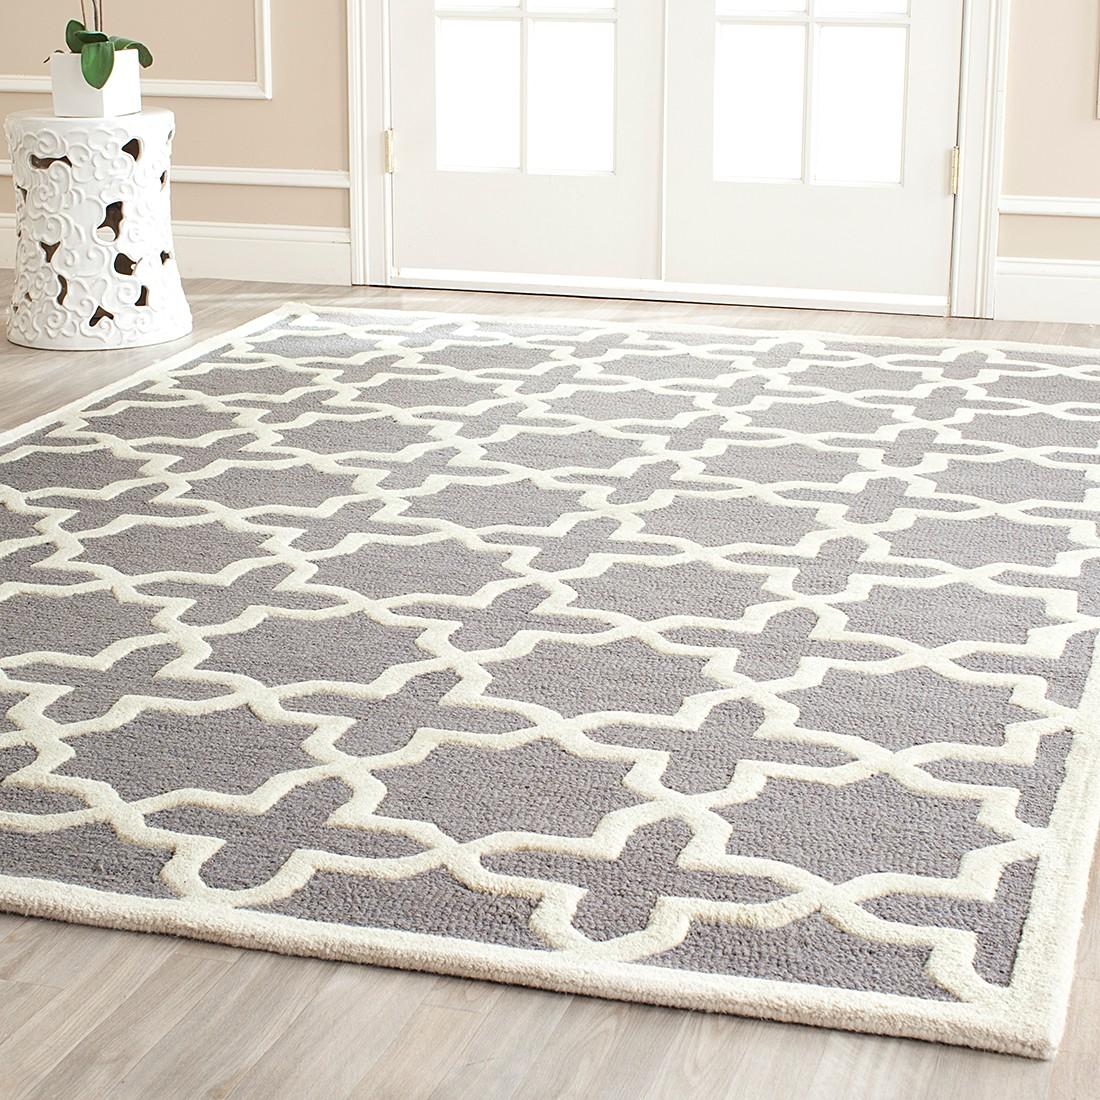 Teppich Elle – Silber/Elfenbein – Maße:  152 x 243  cm, Safavieh online bestellen